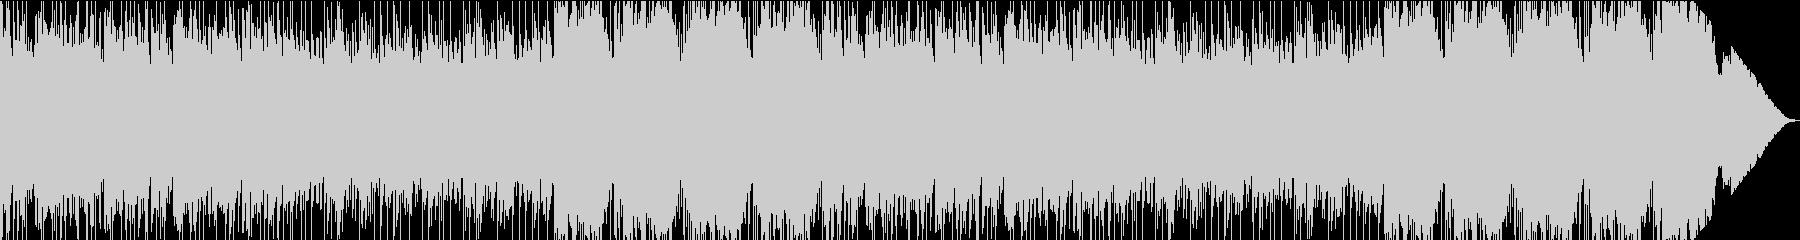 メロディアスで幻想的なエレクトロの未再生の波形